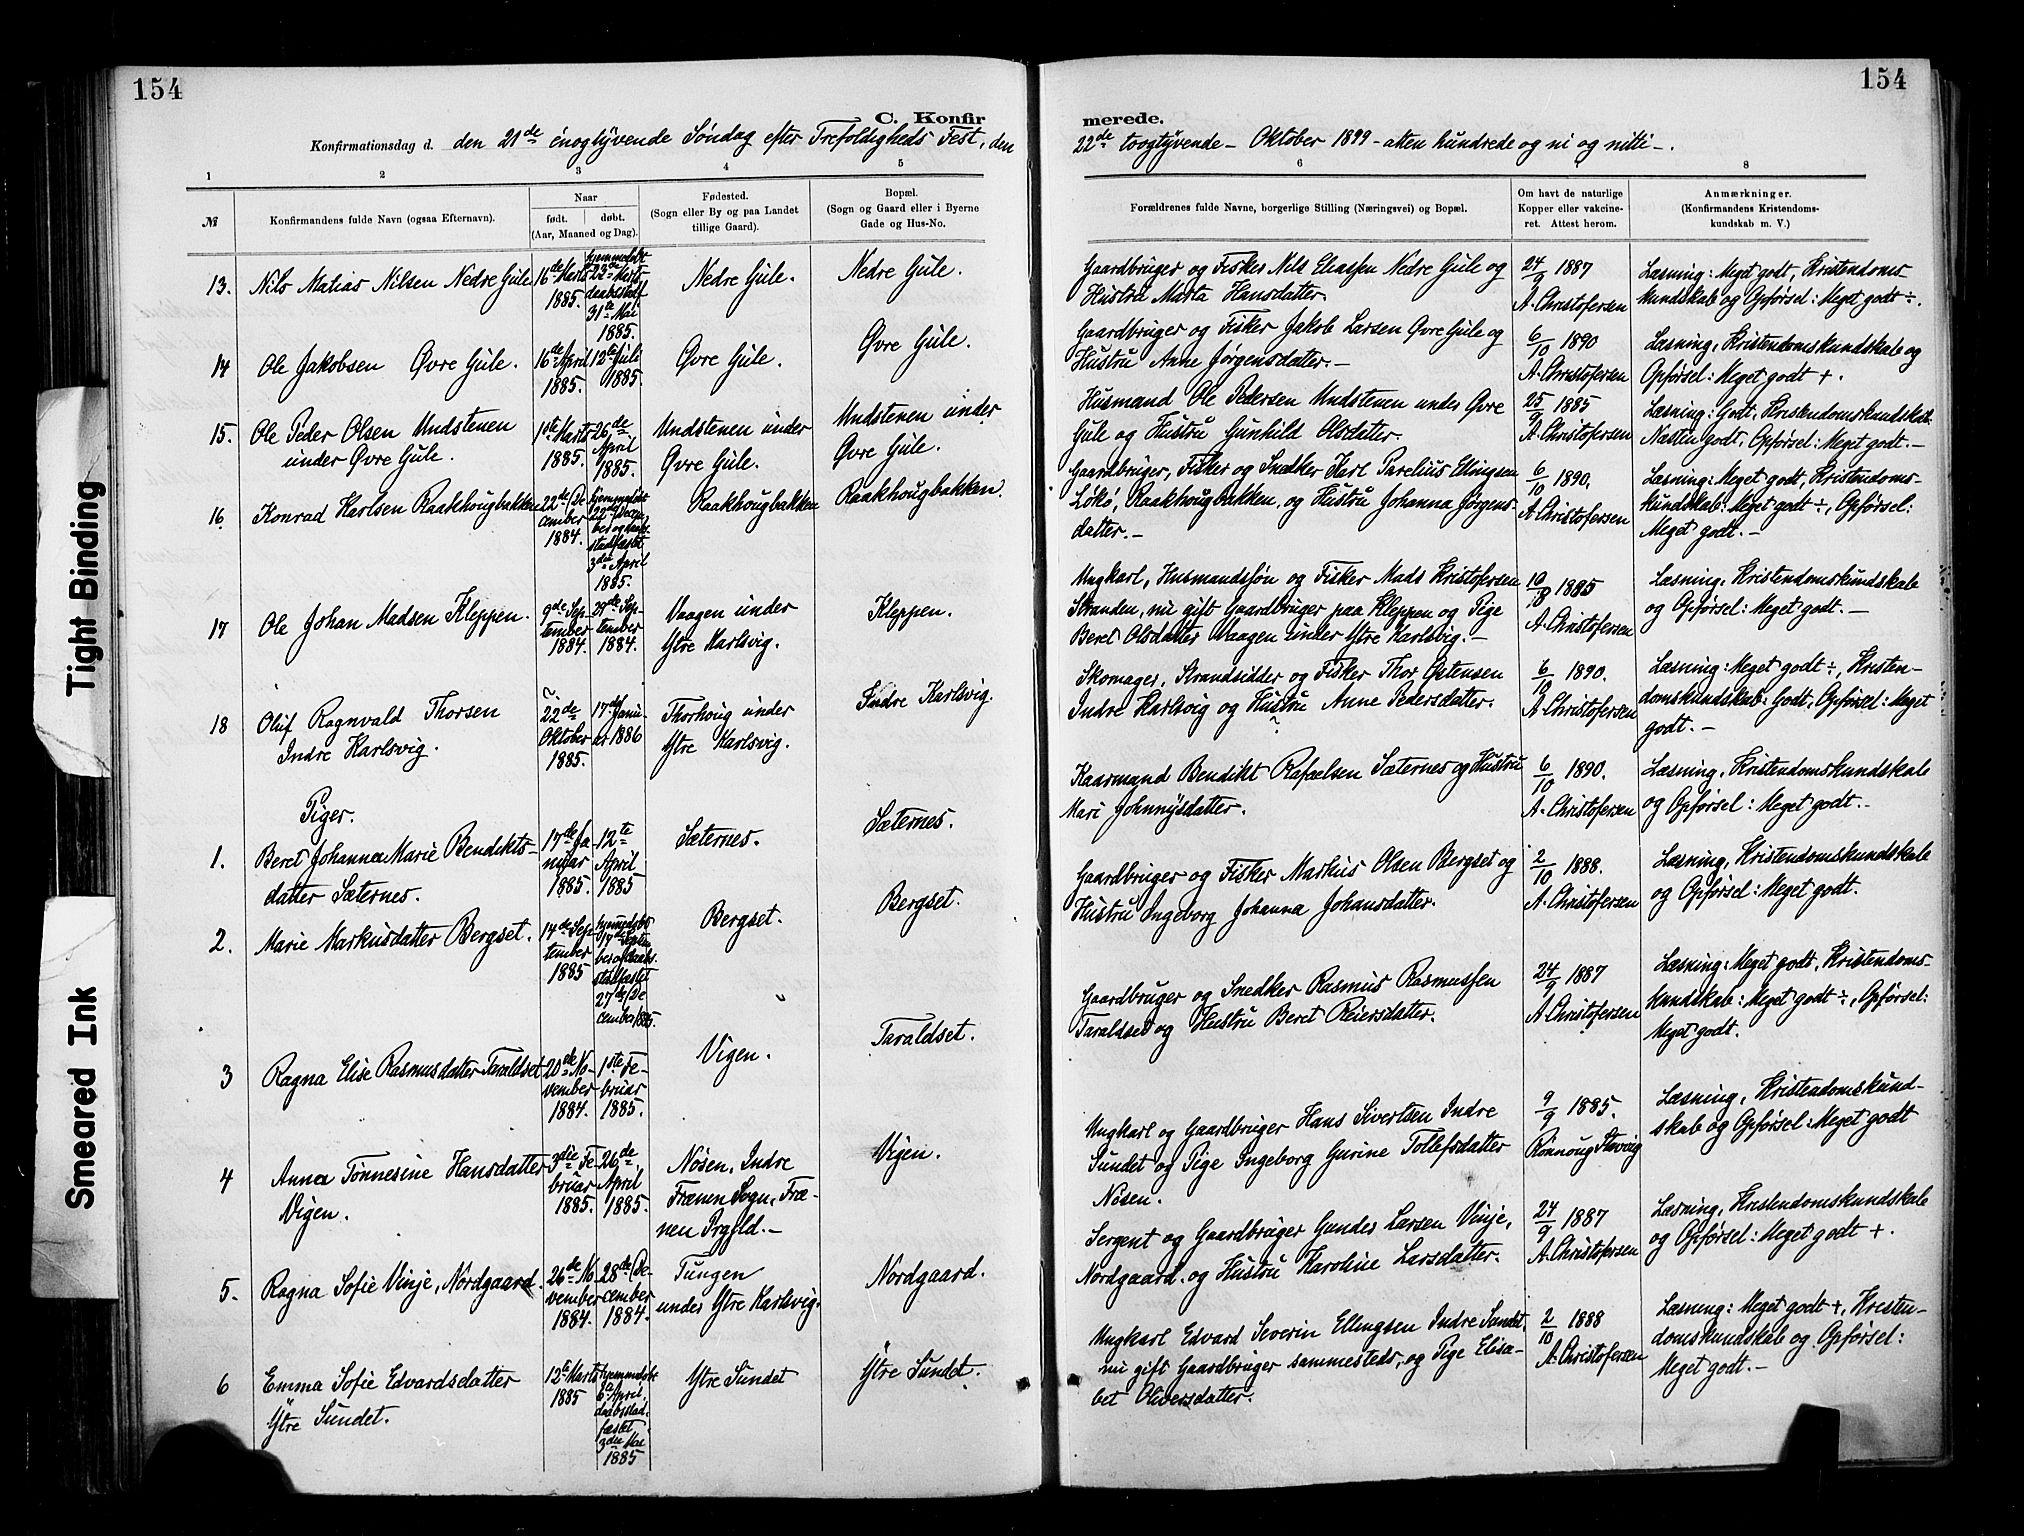 SAT, Ministerialprotokoller, klokkerbøker og fødselsregistre - Møre og Romsdal, 566/L0769: Ministerialbok nr. 566A08, 1881-1903, s. 154